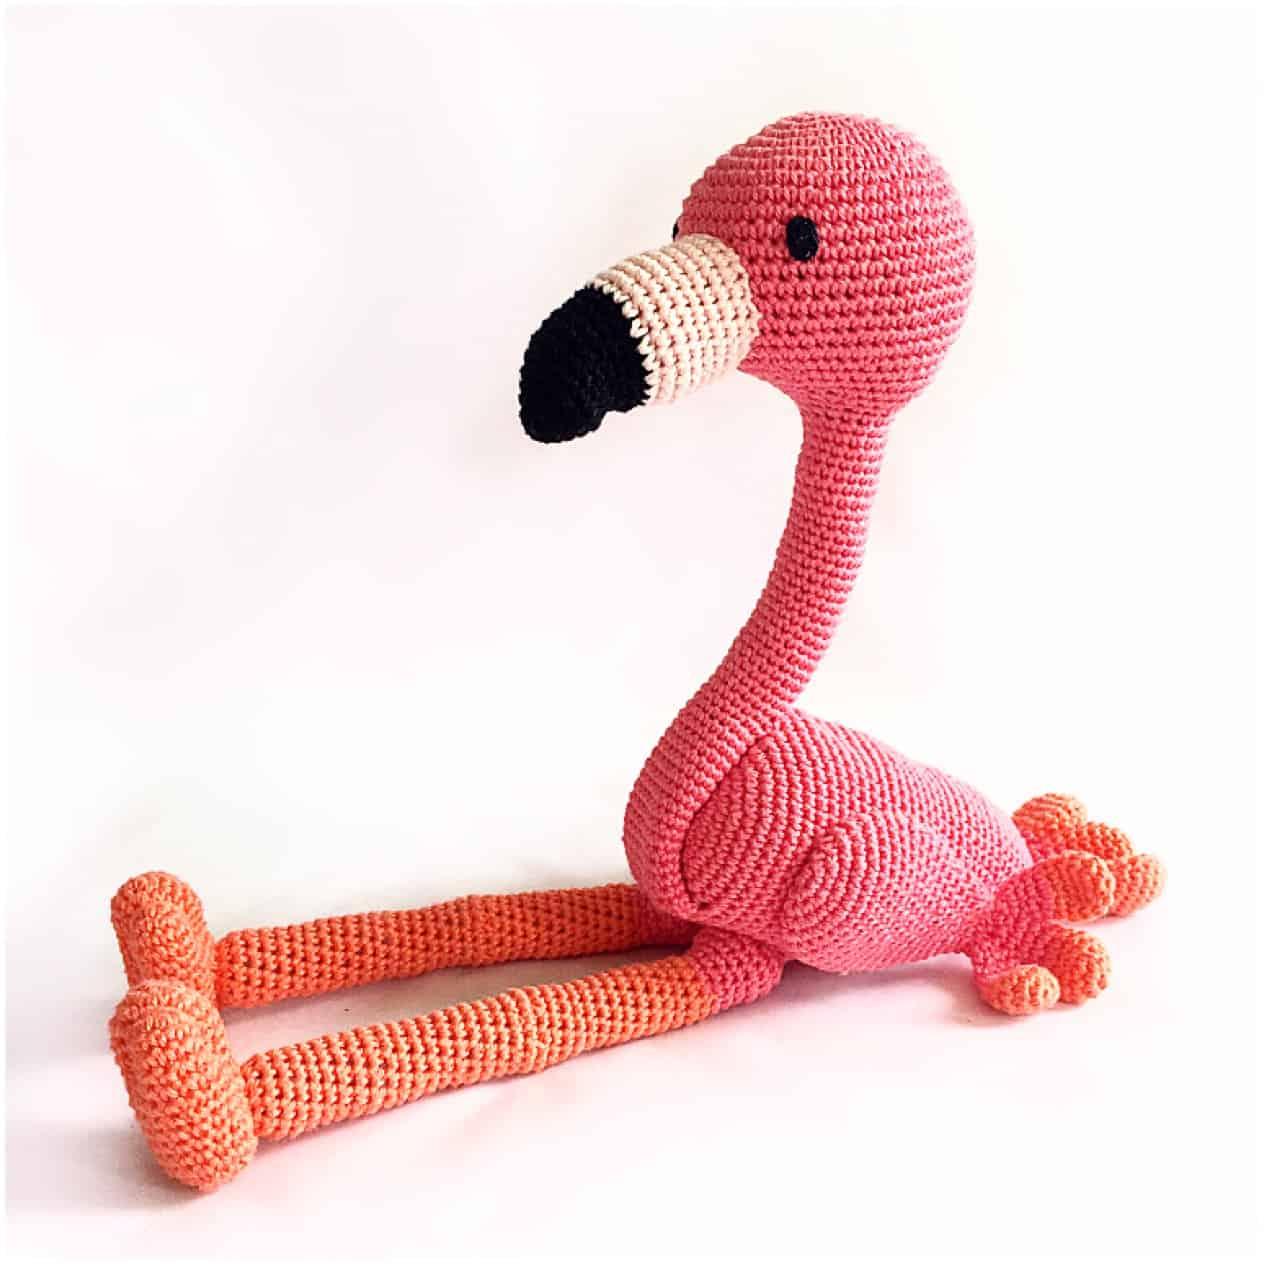 Haakpatroon Flamingo Kijk Voor Meer Haakpatronen In Mijn Webshop